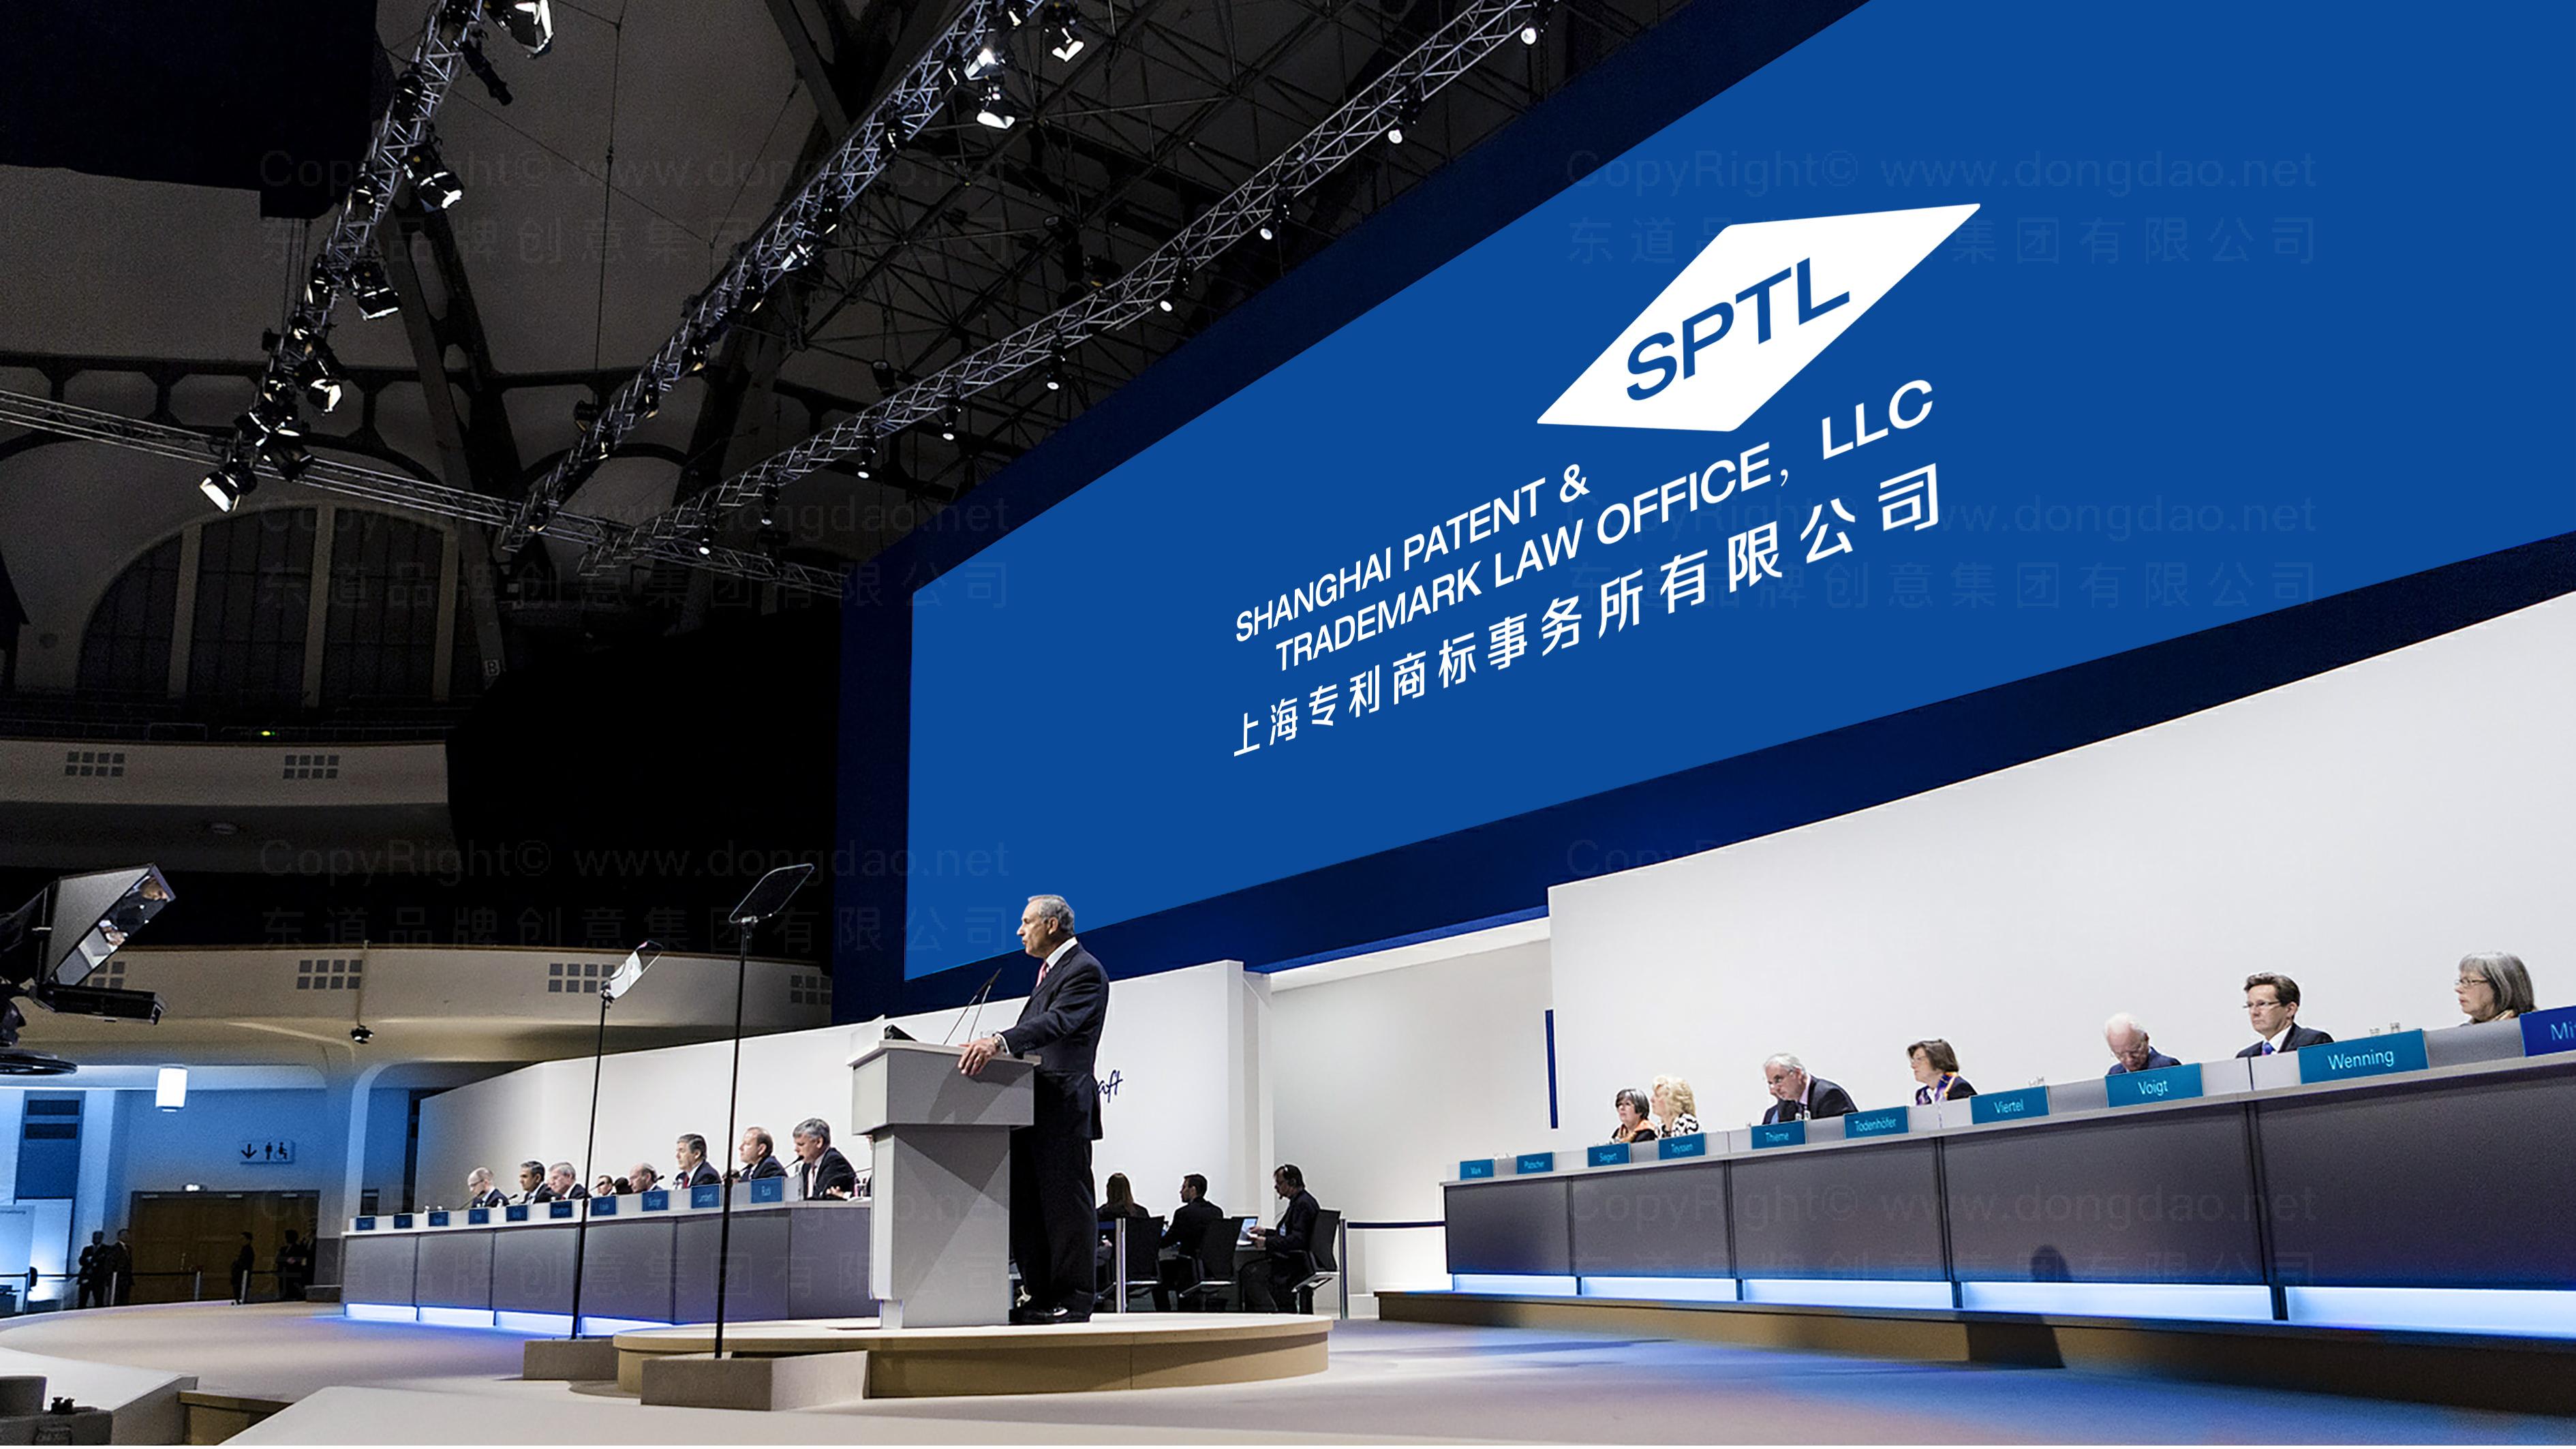 品牌设计案例上海专利商标事务所有限公司标志设计